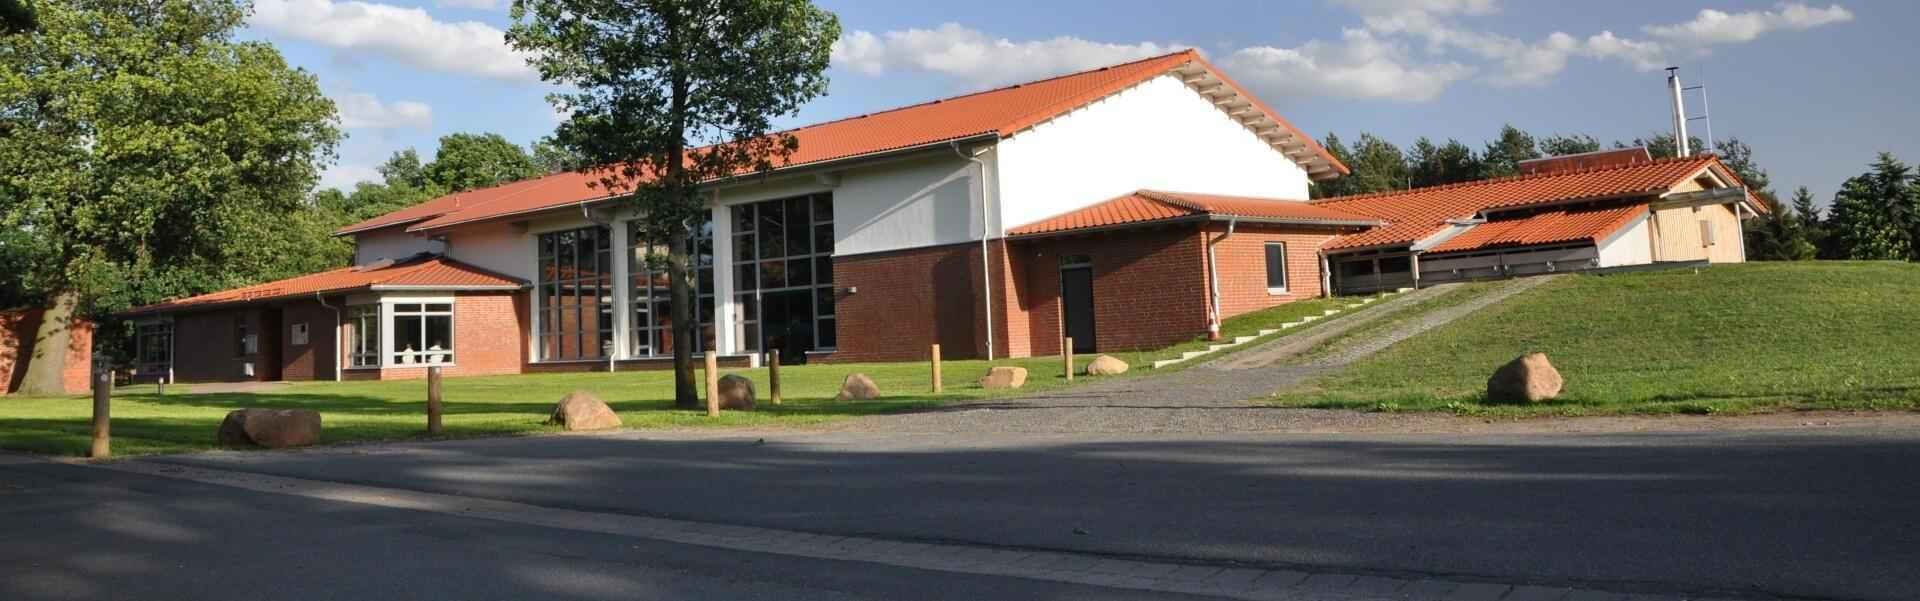 Dorfgemeinschaftshaus und Sporthalle in 29690 Buchholz